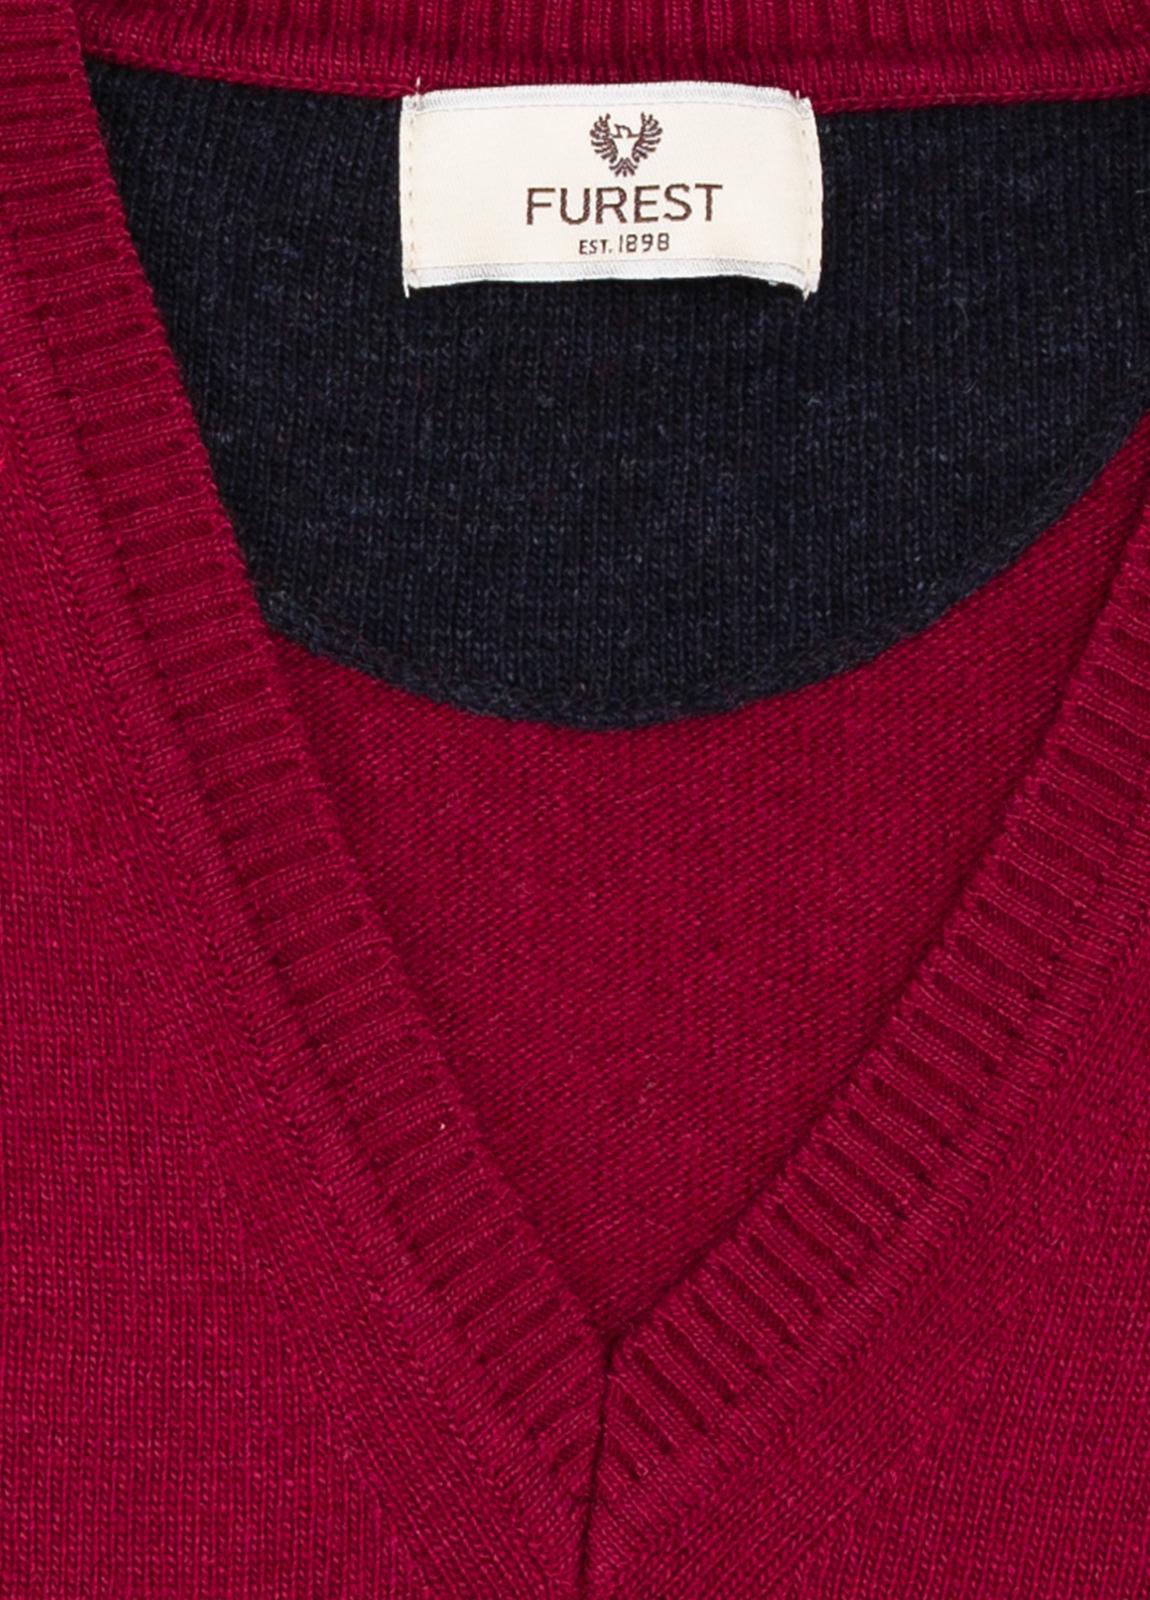 Jersey liso cuello pico color rojo, 40% lana merino, 20% viscosa, 10% cachemire